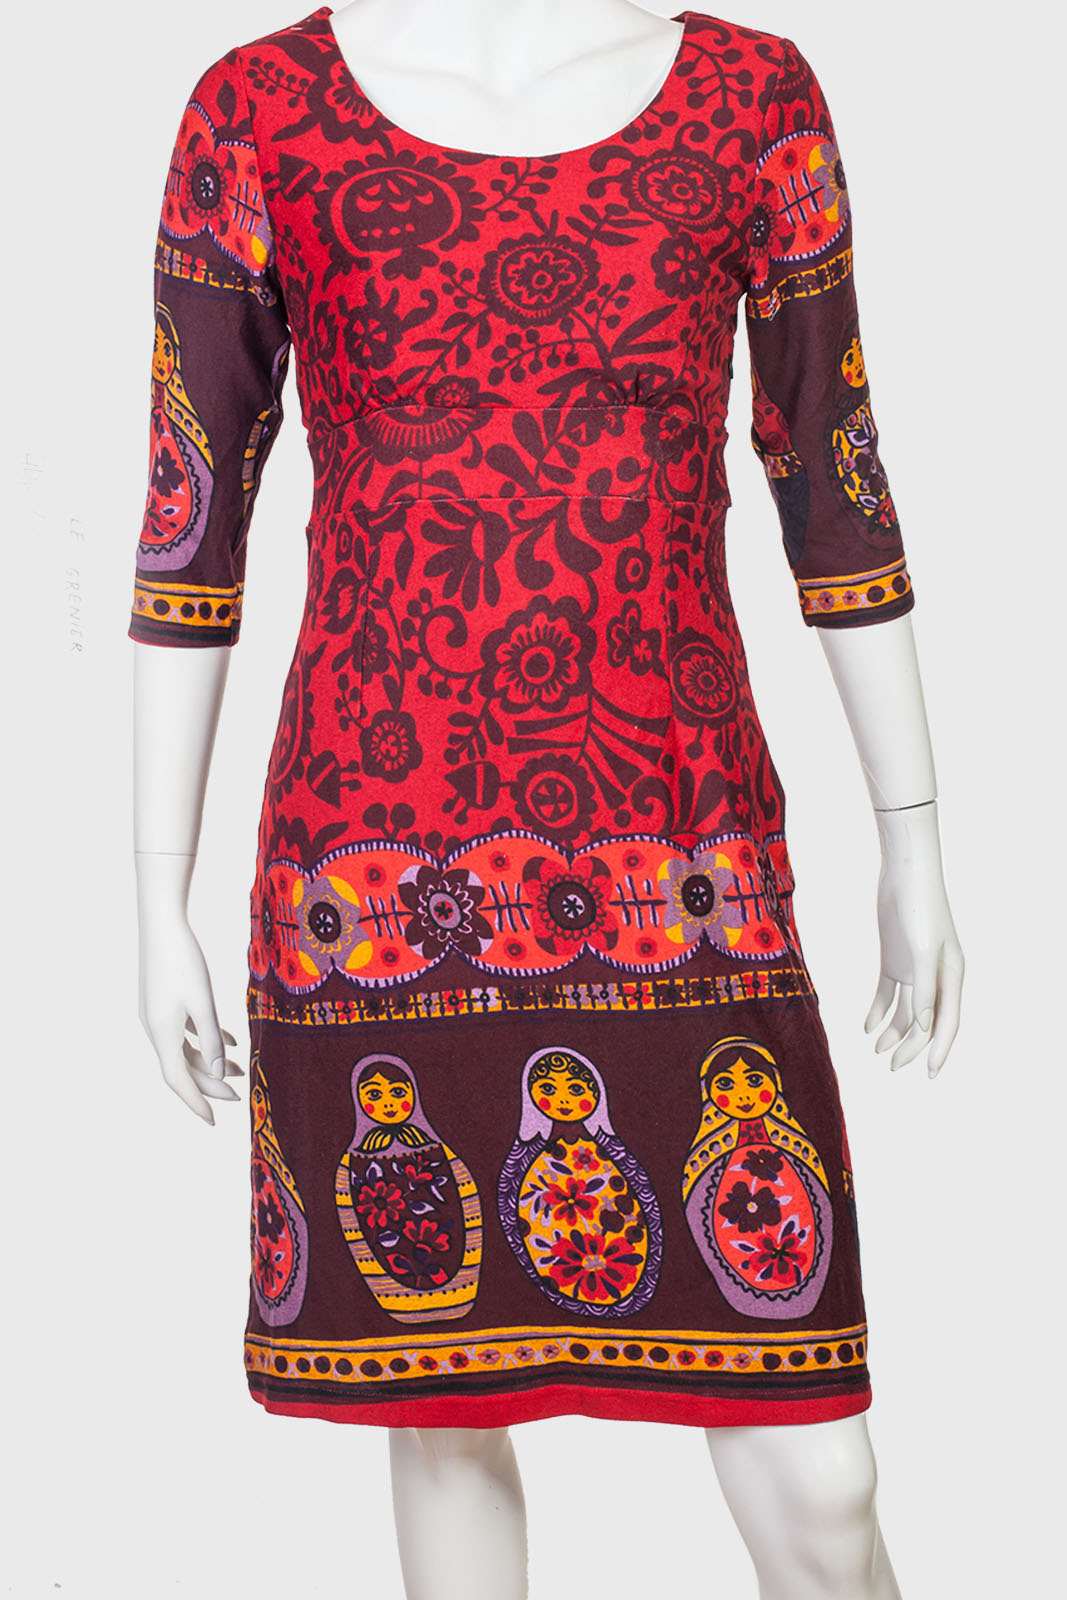 Приталенное оригинальное платье от бренда Le Grenier